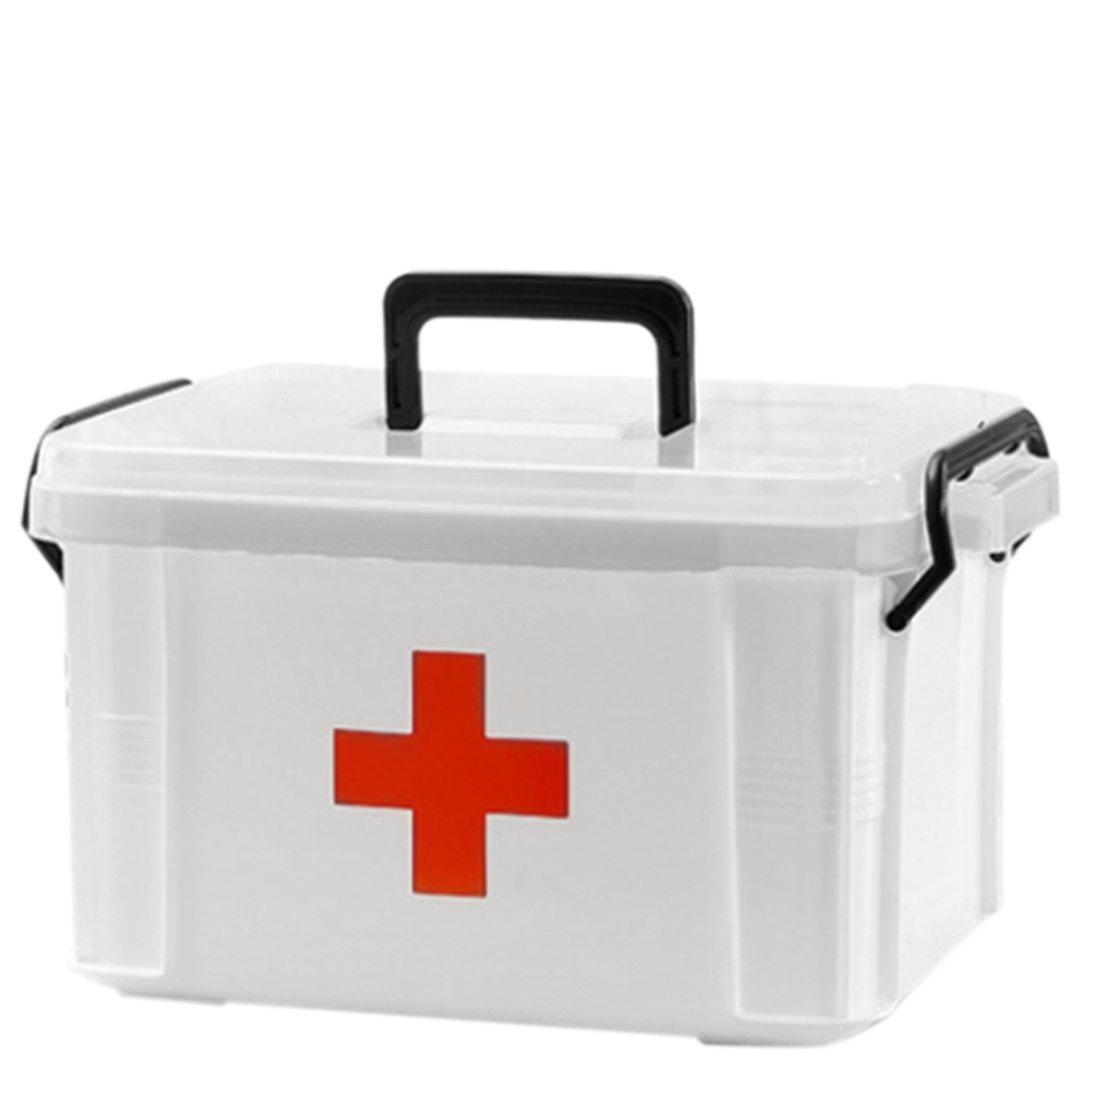 Likeluk Valigetta di primo soccorso per medicinali portatile con maniglia